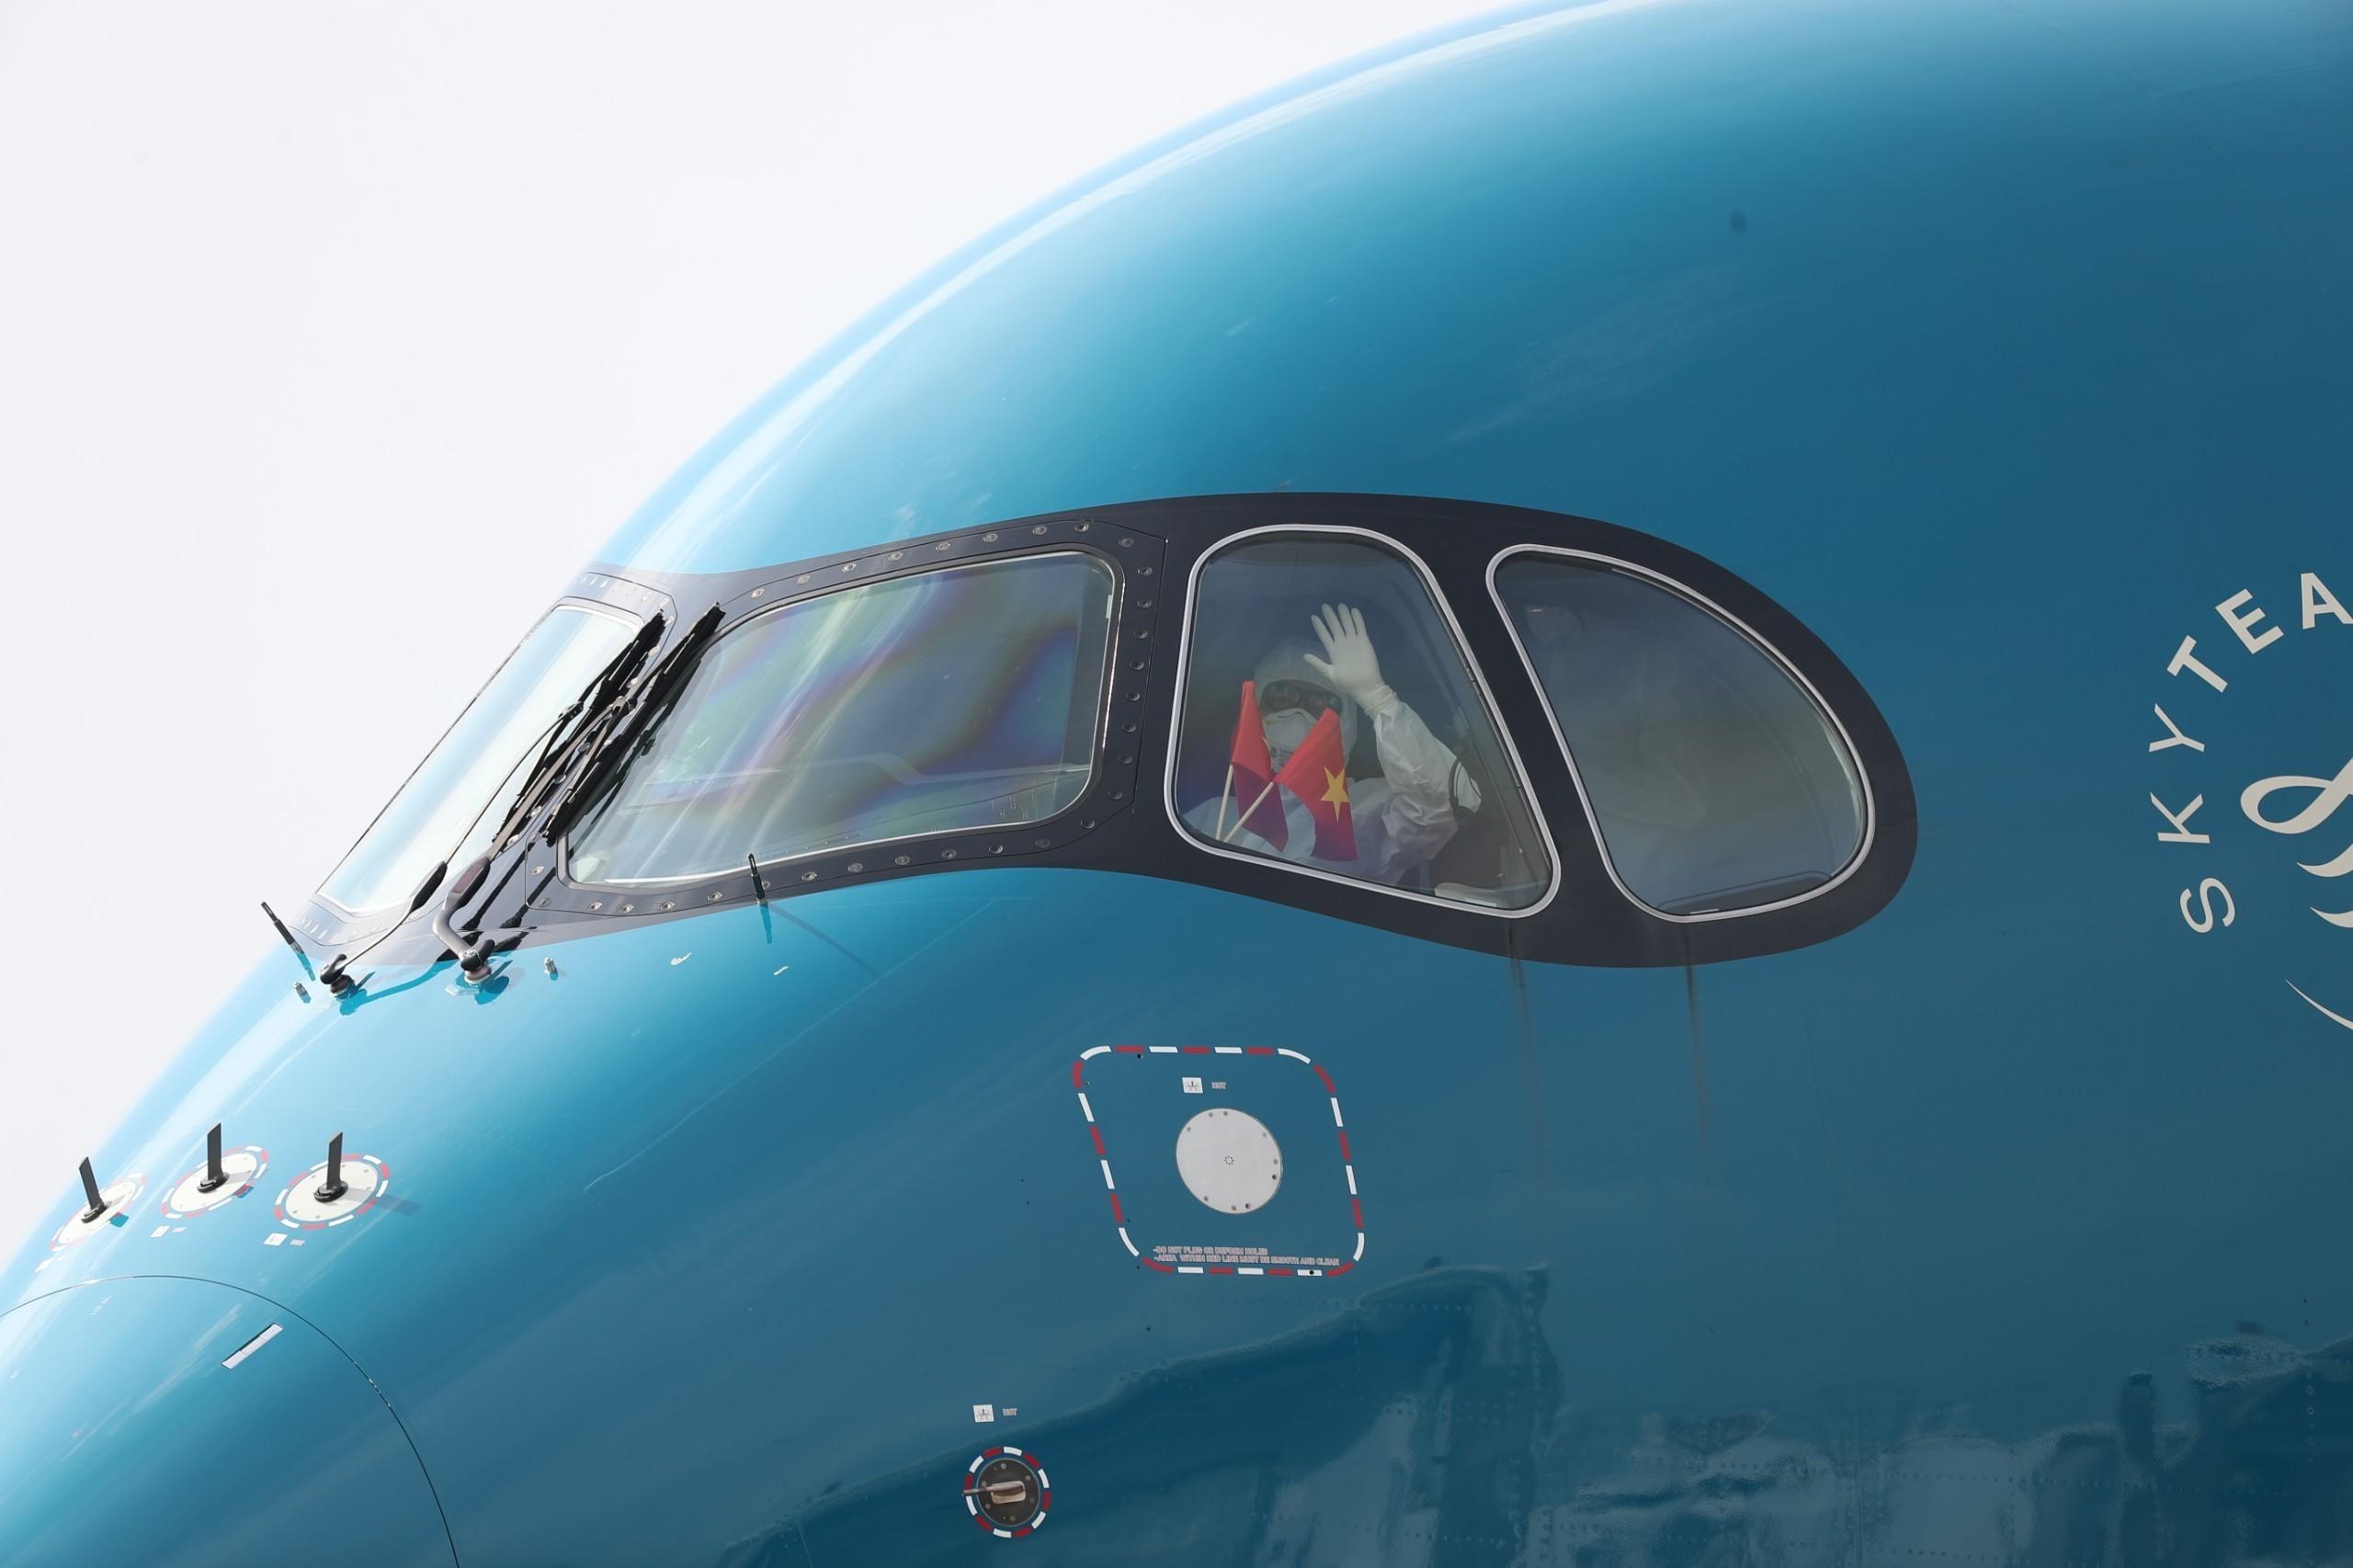 Chuyến bay siêu đặc biệt